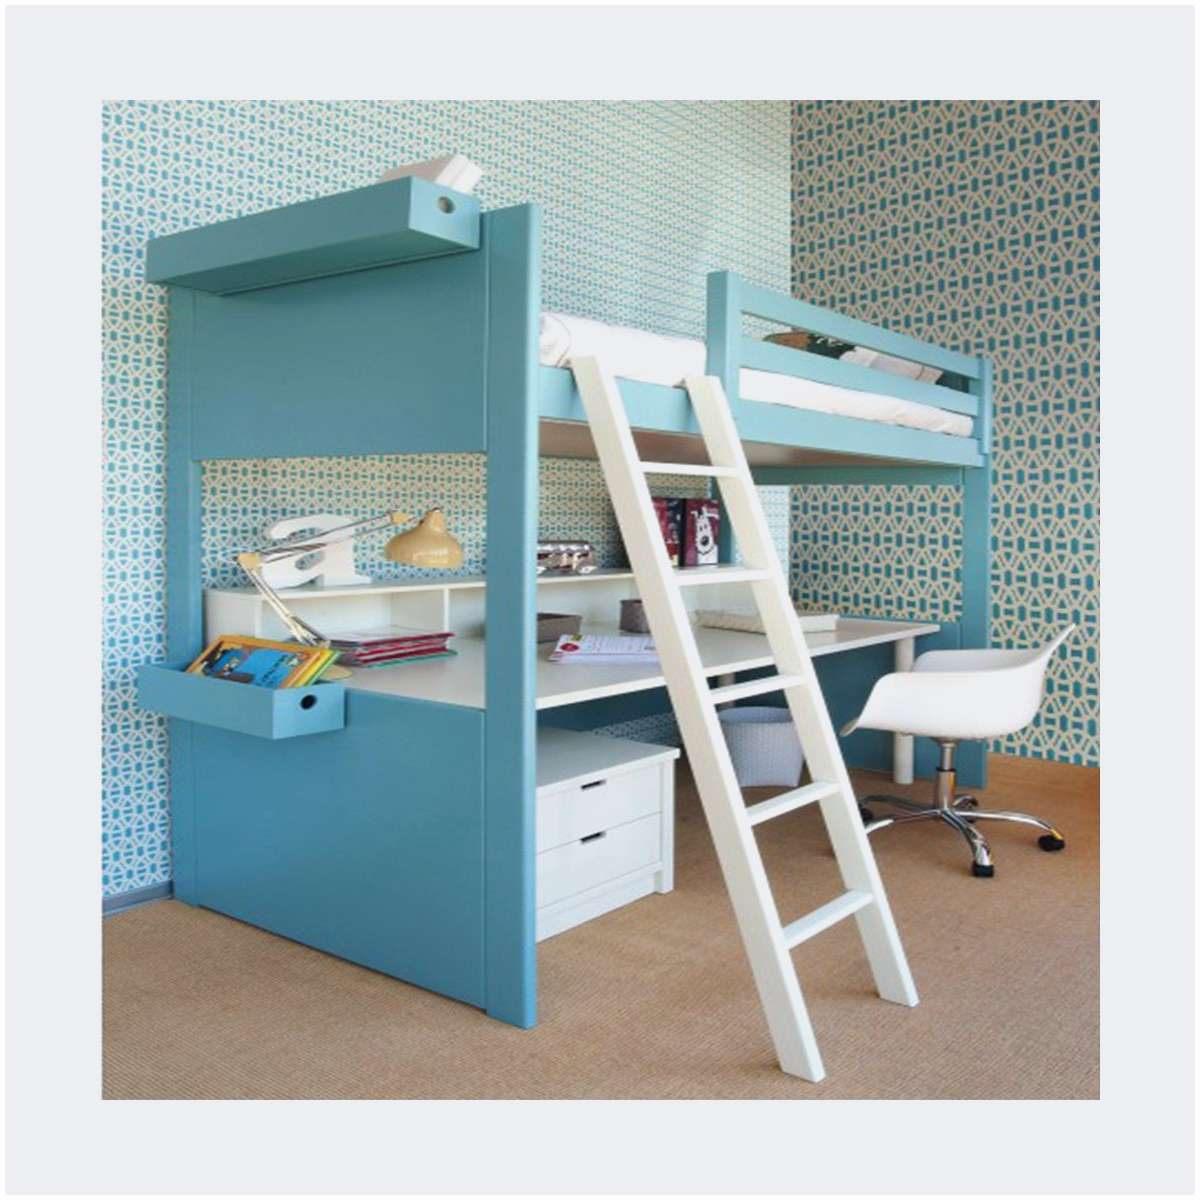 Lit Mezzanine 1 Place Pas Cher Magnifique Beau Lit Jeune Enfant 20 Référence Lit Cabane Fille Ado Home Design